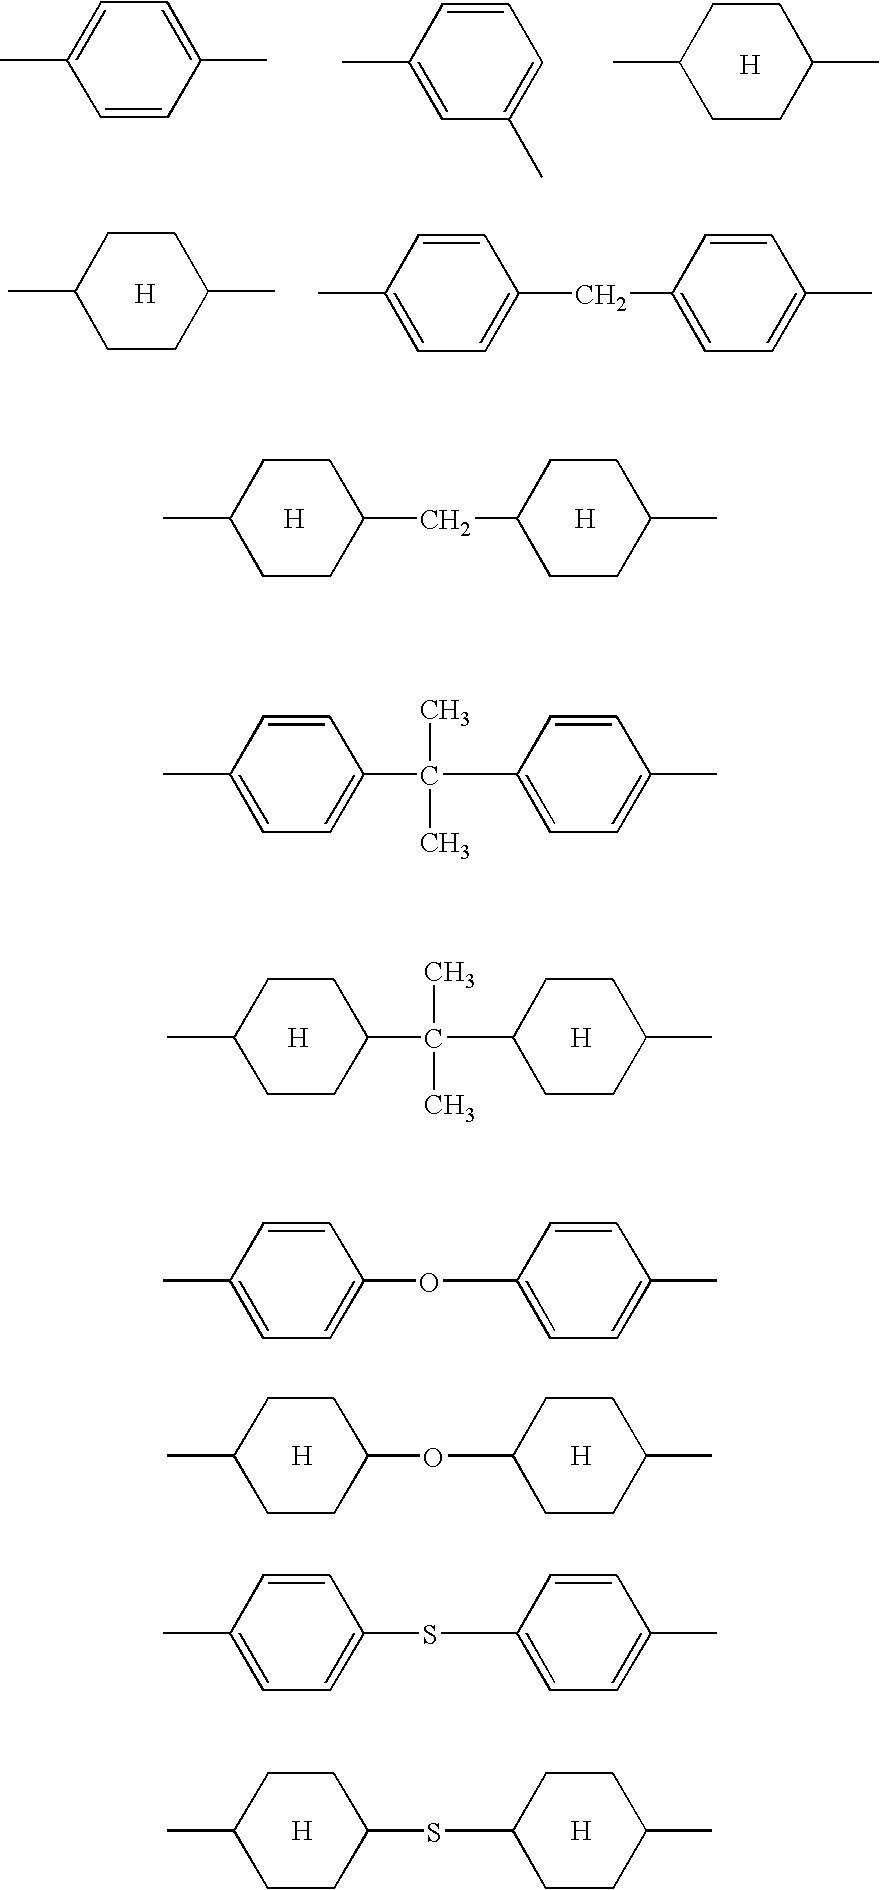 Figure US20050215660A1-20050929-C00002